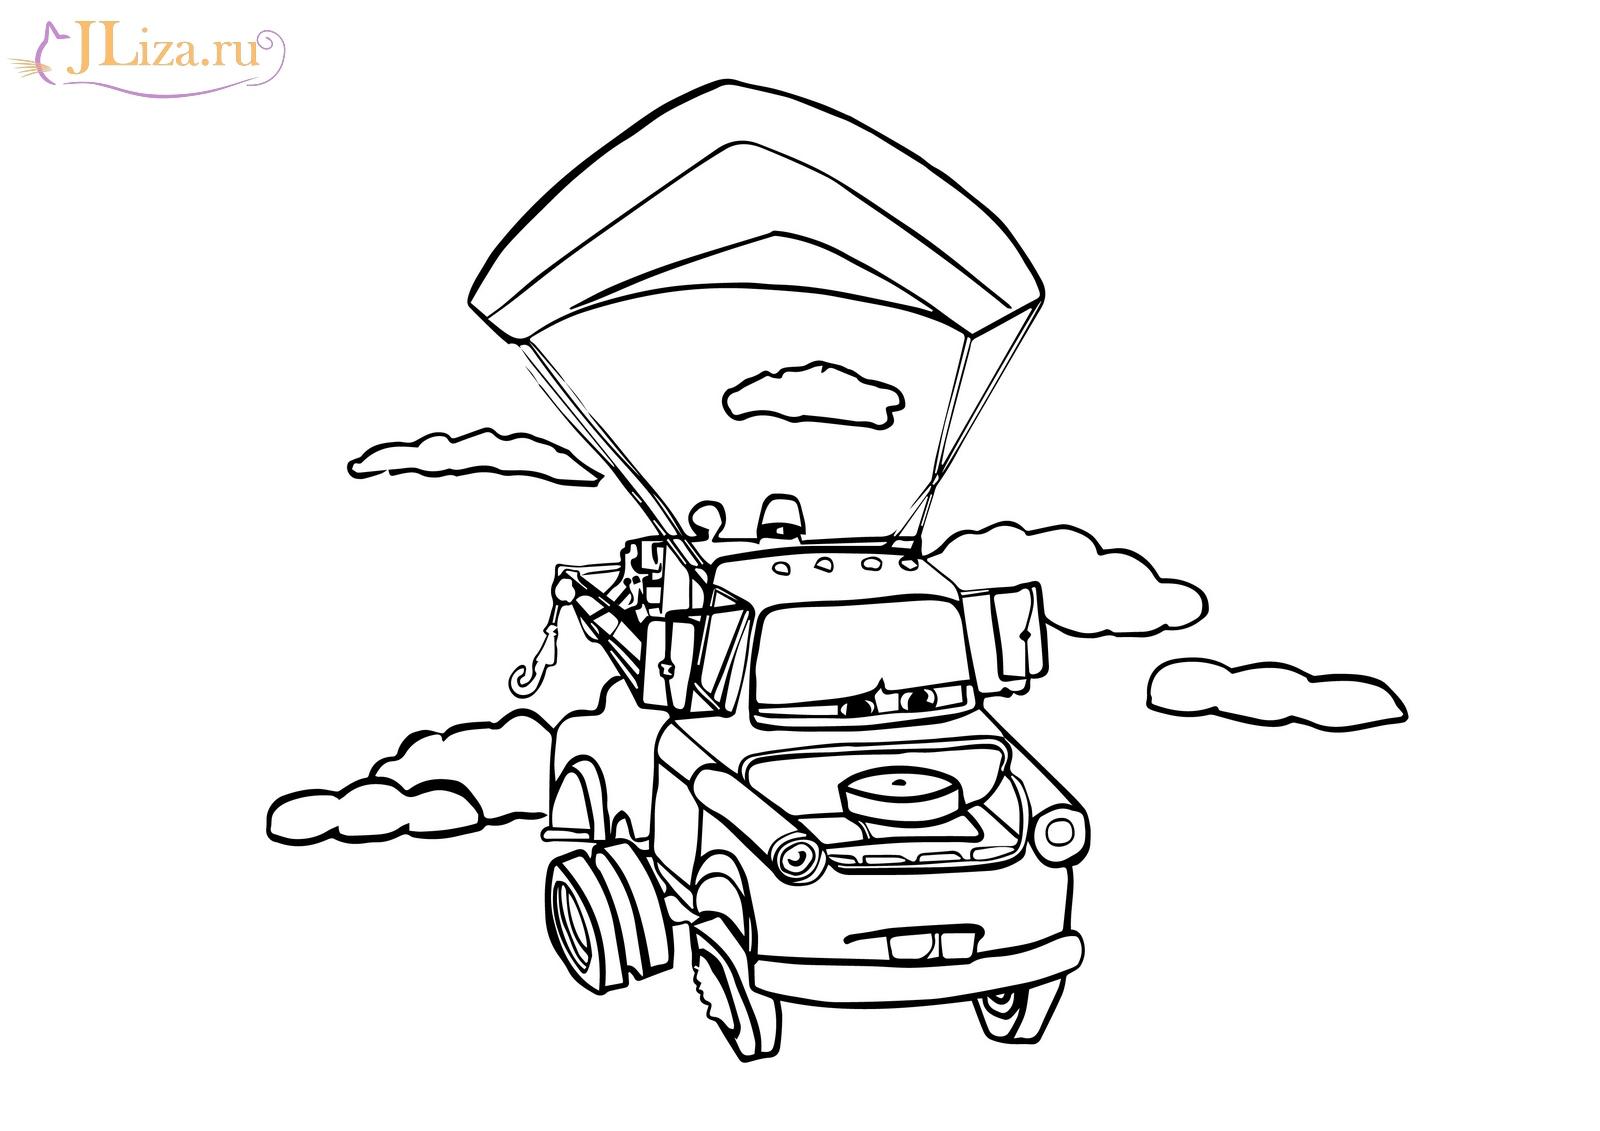 Герои сказки теремок из автомобильных шин установка автомобильной сигнализации в дубне